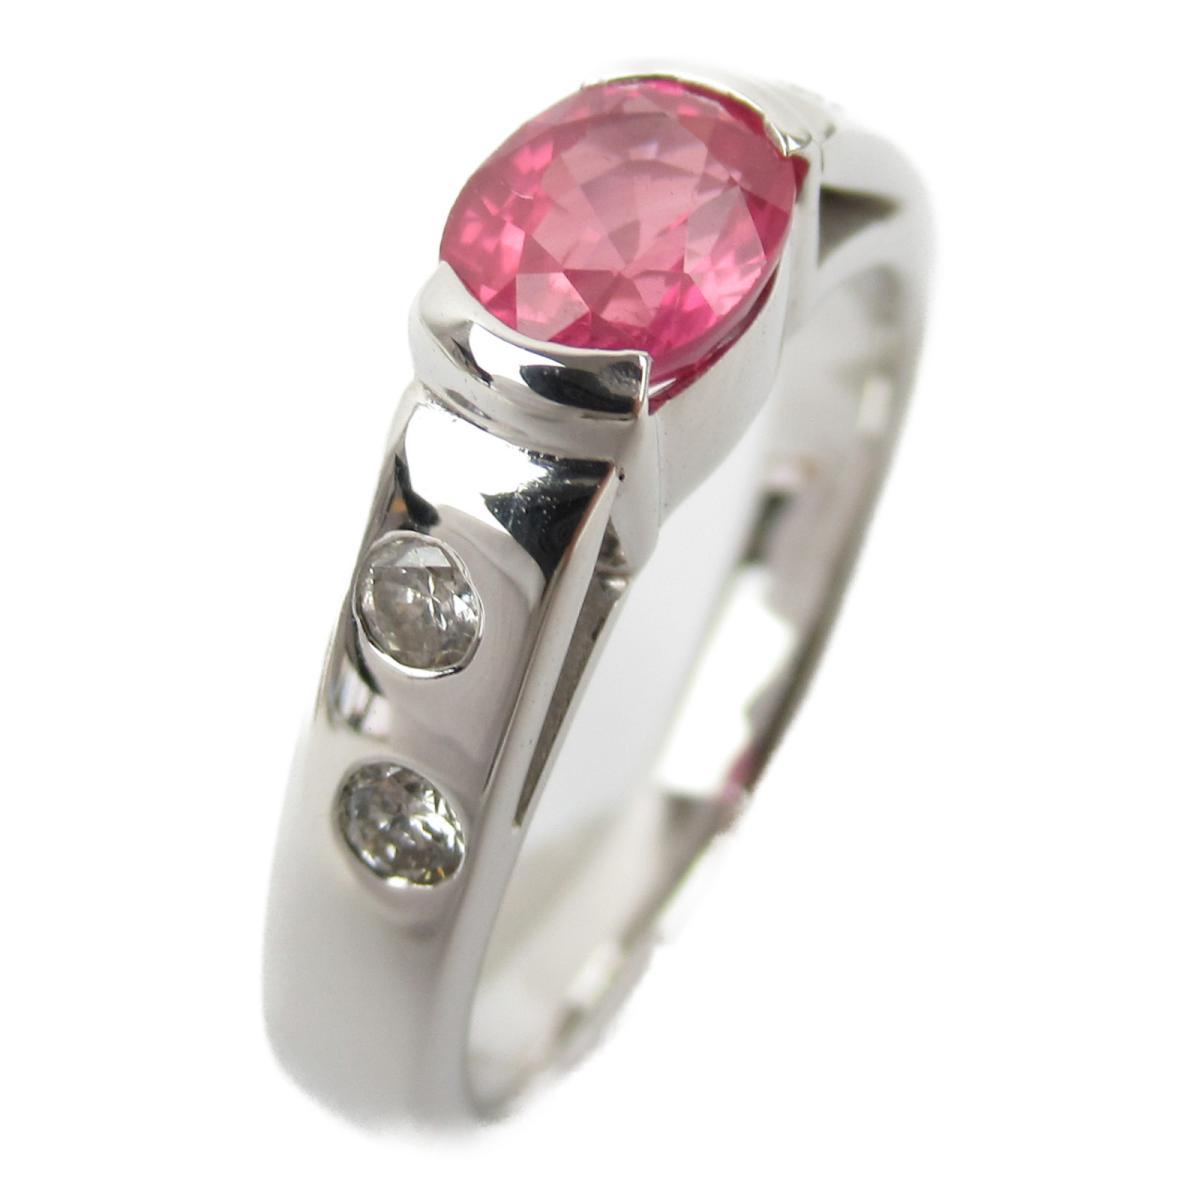 ジュエリー サファイア ダイヤモンド リング 指輪 ノーブランドジュエリー レディース K18WG (750) ホワイトゴールド x 0.92/ダイヤモンド0.14ct 【中古】 | JEWELRY BRANDOFF ブランドオフ アクセサリー